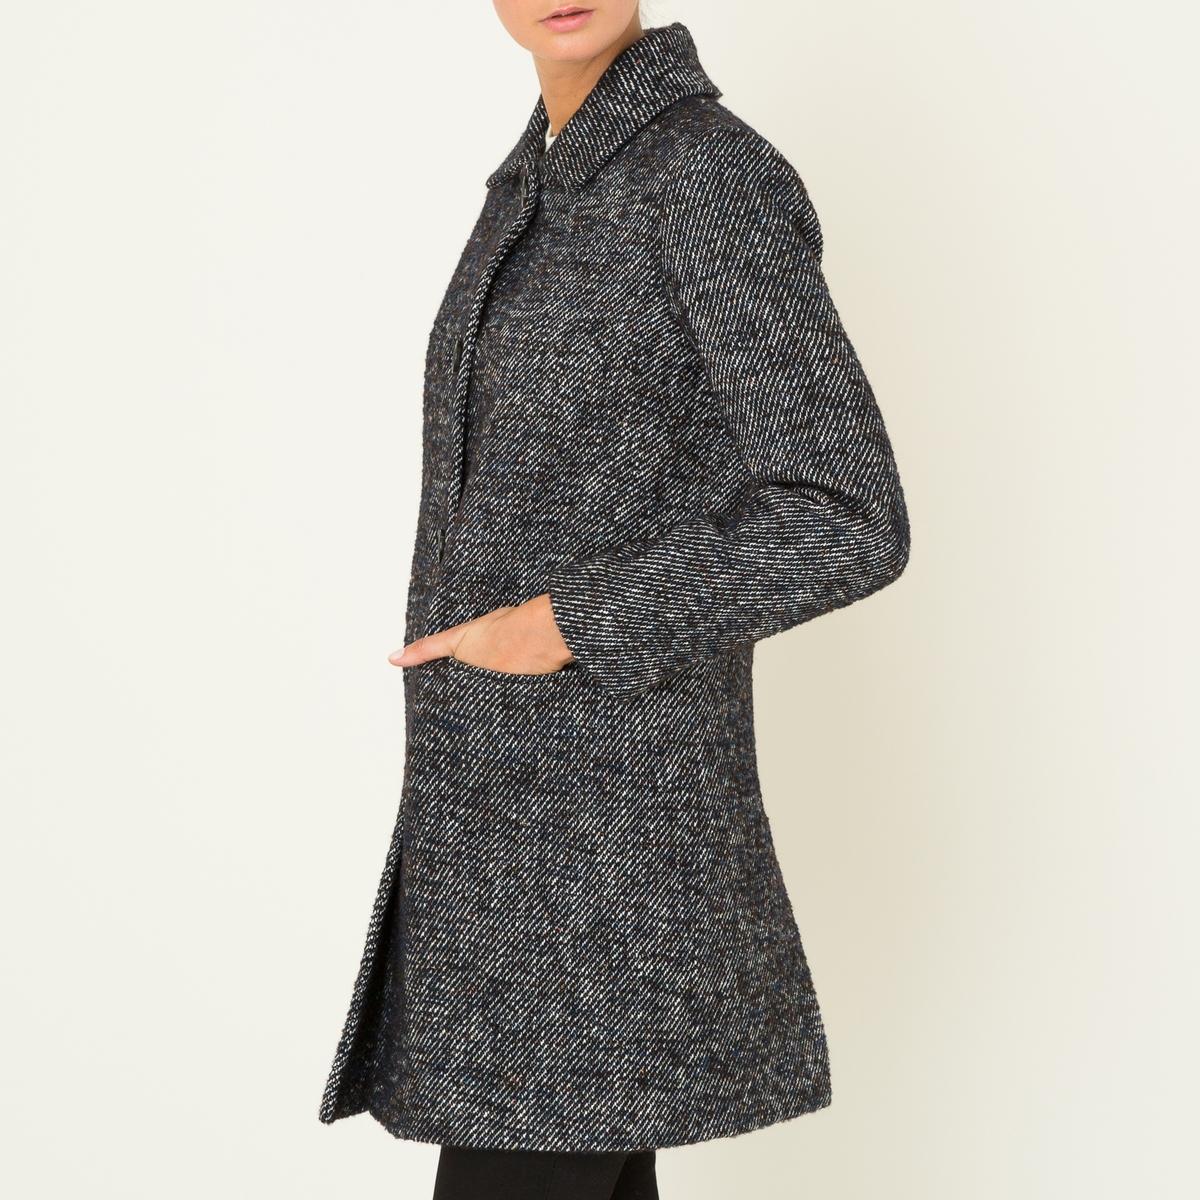 Пальто длинное из шерстяного драпаДлинное пальто LA BRAND BOUTIQUE - из двухцветного шерстяного драпа.  Рубашечный воротник с застежкой на пуговицы. Прямые длинные рукава. 2 прорезных кармана. Шлица сзади. На подкладке.Состав и описание    Материал : 31% хлопка, 27% необработанной шерсти, 22% полиэстера, 8% альпаки, 8% акрила, 4% шелка   Подкладка 100% ацетат   Марка : LA BRAND BOUTIQUE<br><br>Цвет: темно-синий<br>Размер: 40 (FR) - 46 (RUS)